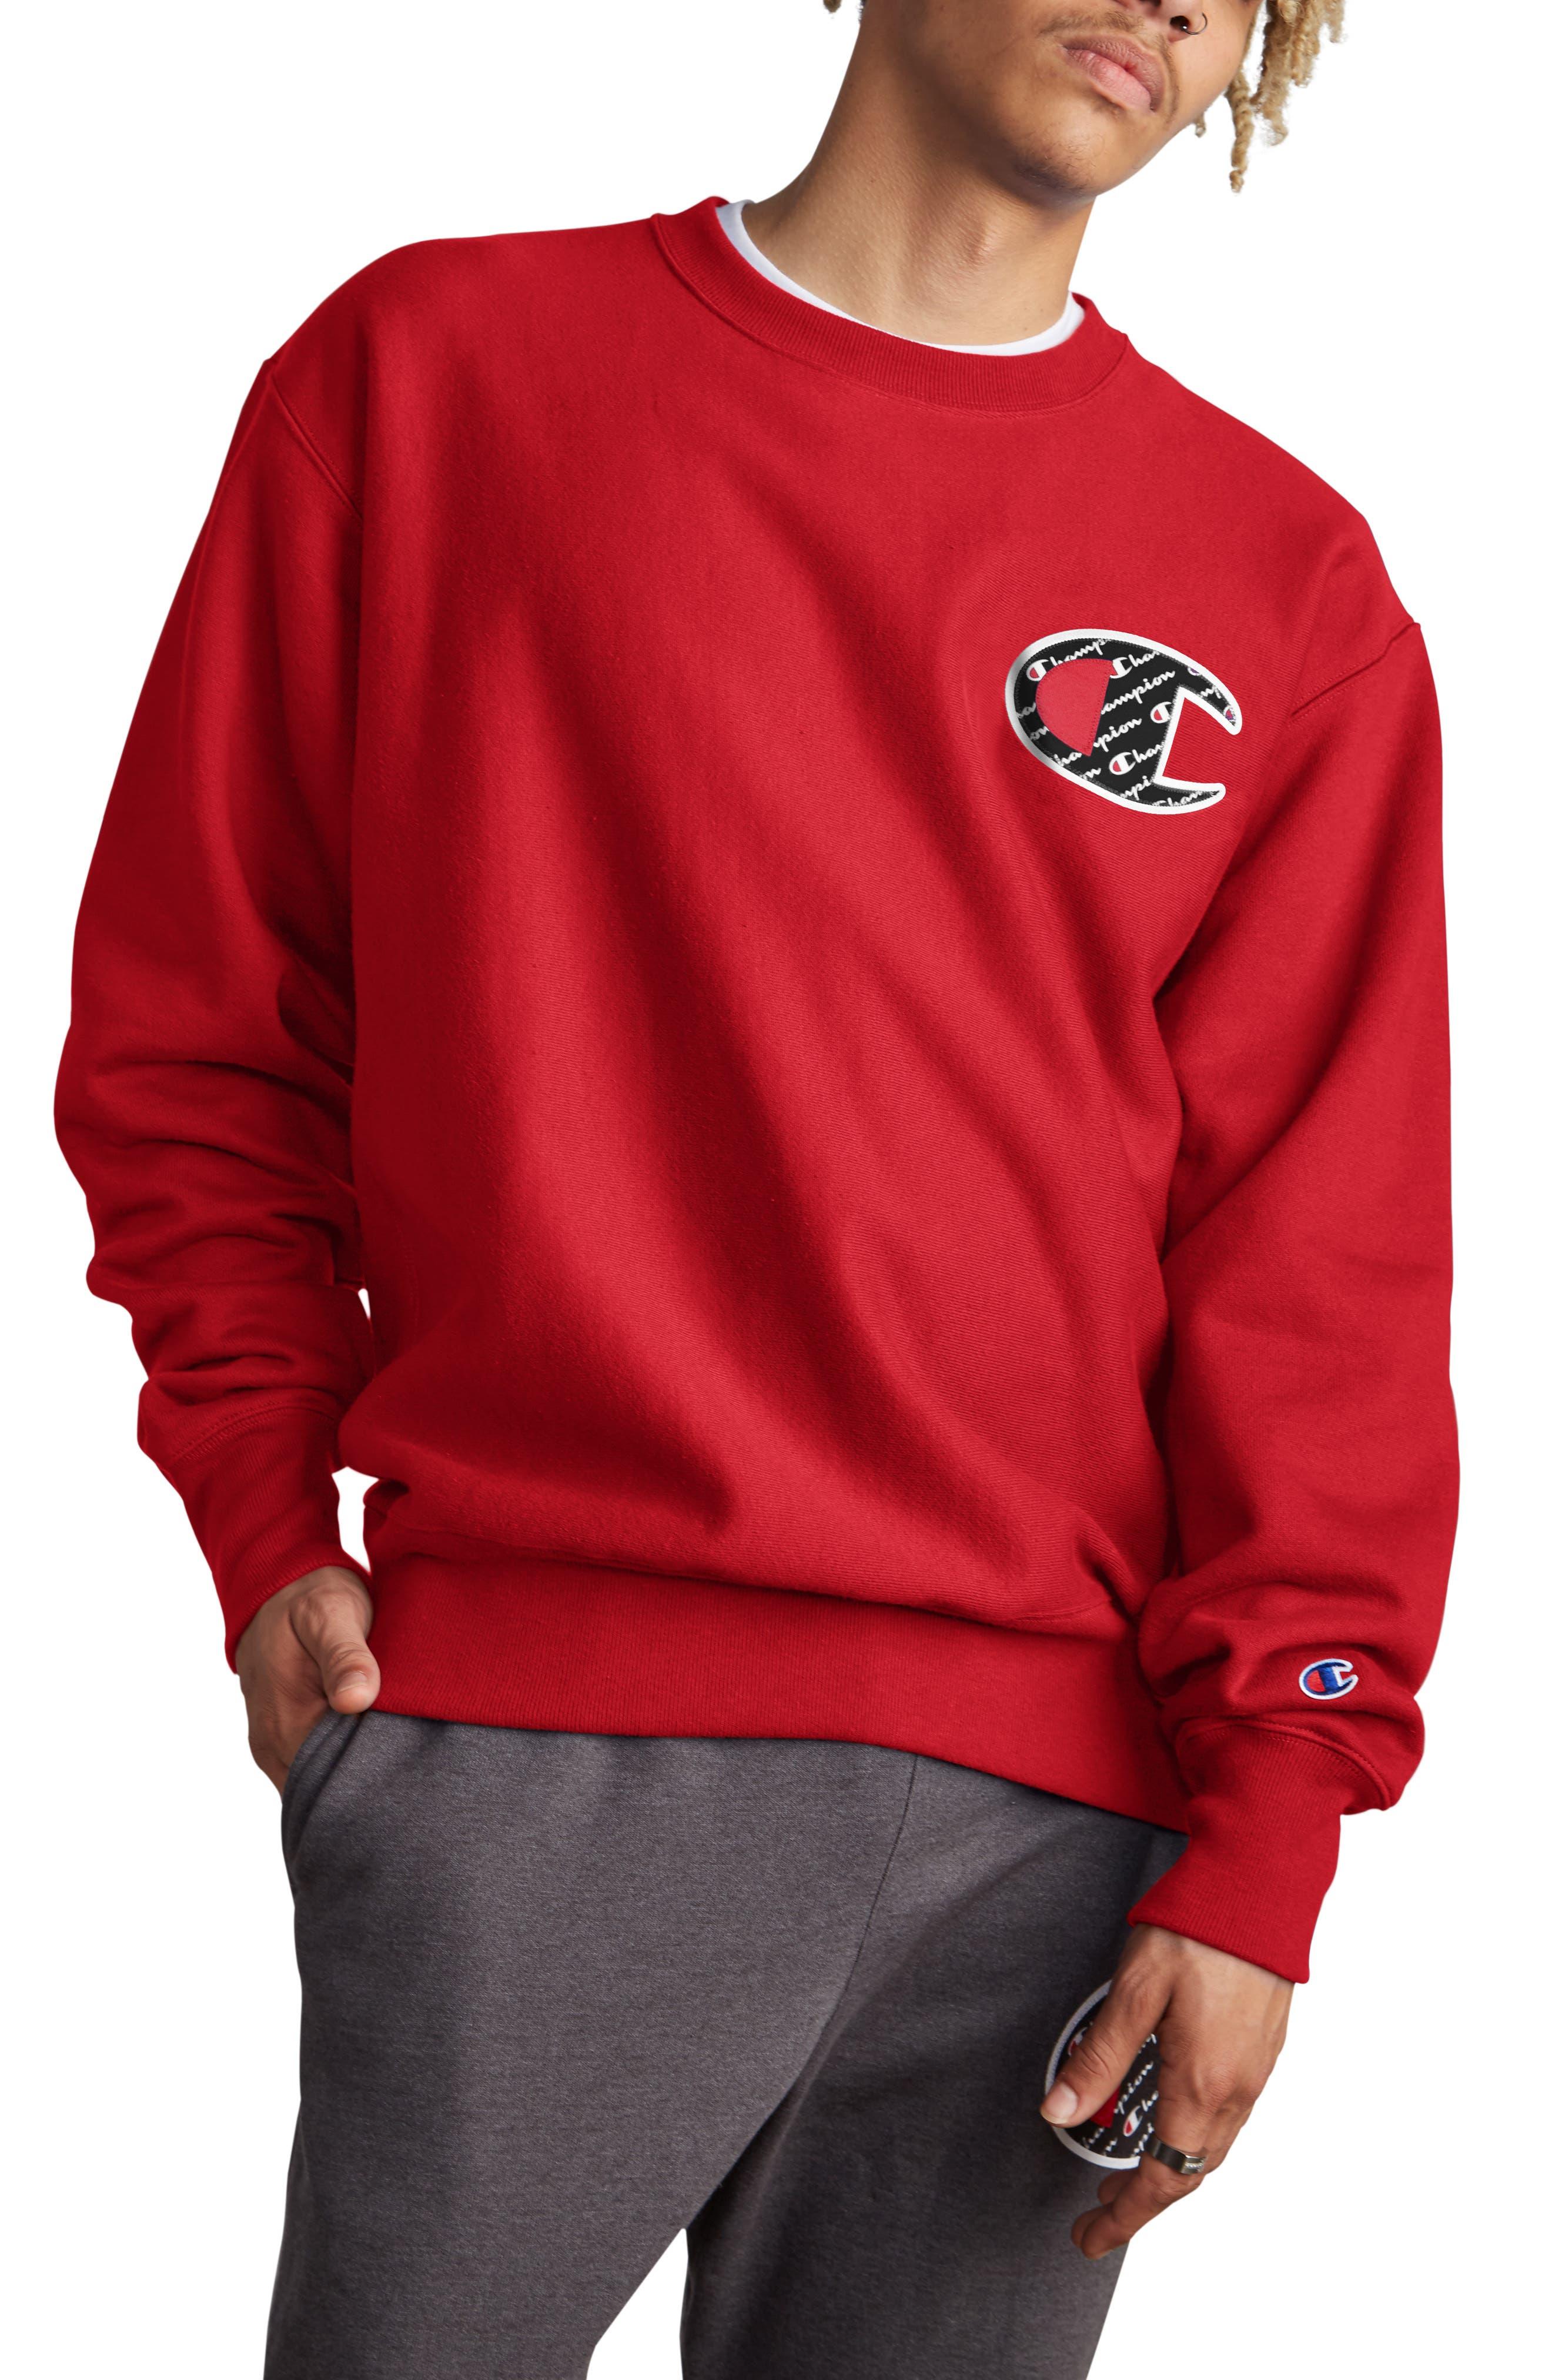 Sublimated Logo Crewneck Sweatshirt,                         Main,                         color, TEAM RED SCARLET